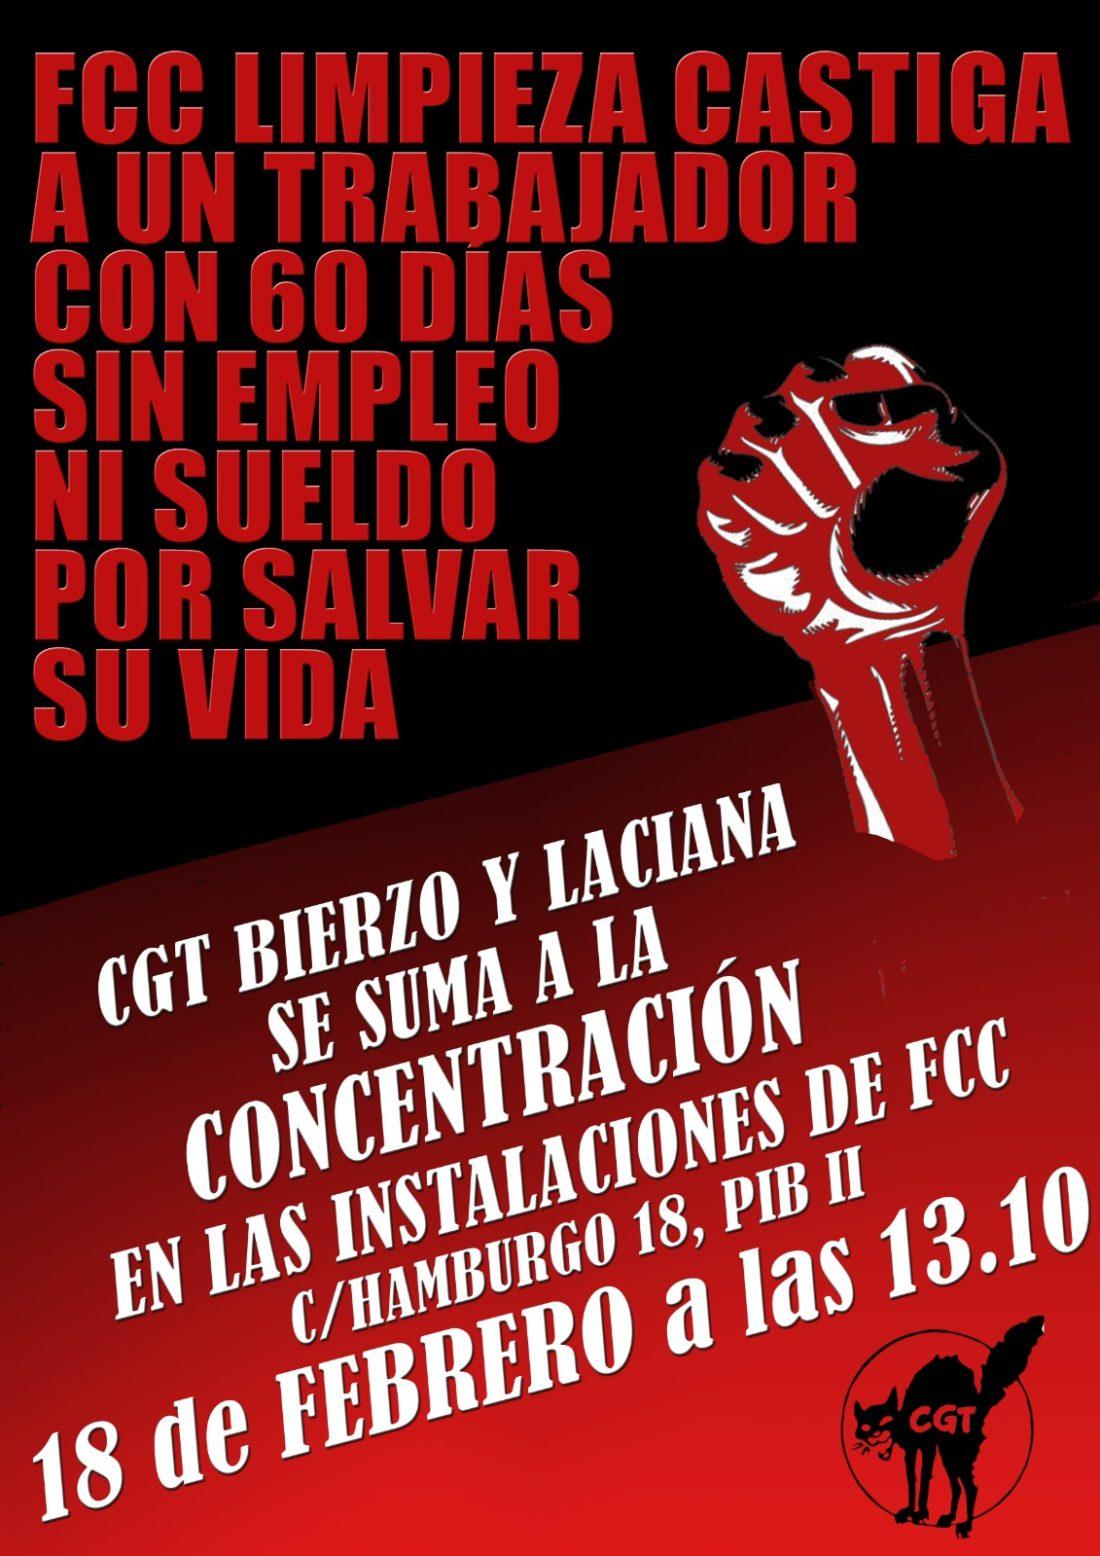 CGT Ponferrada convoca una concentración en señal de protesta por la sanción impuesta en FCC. DESCONVOCADA